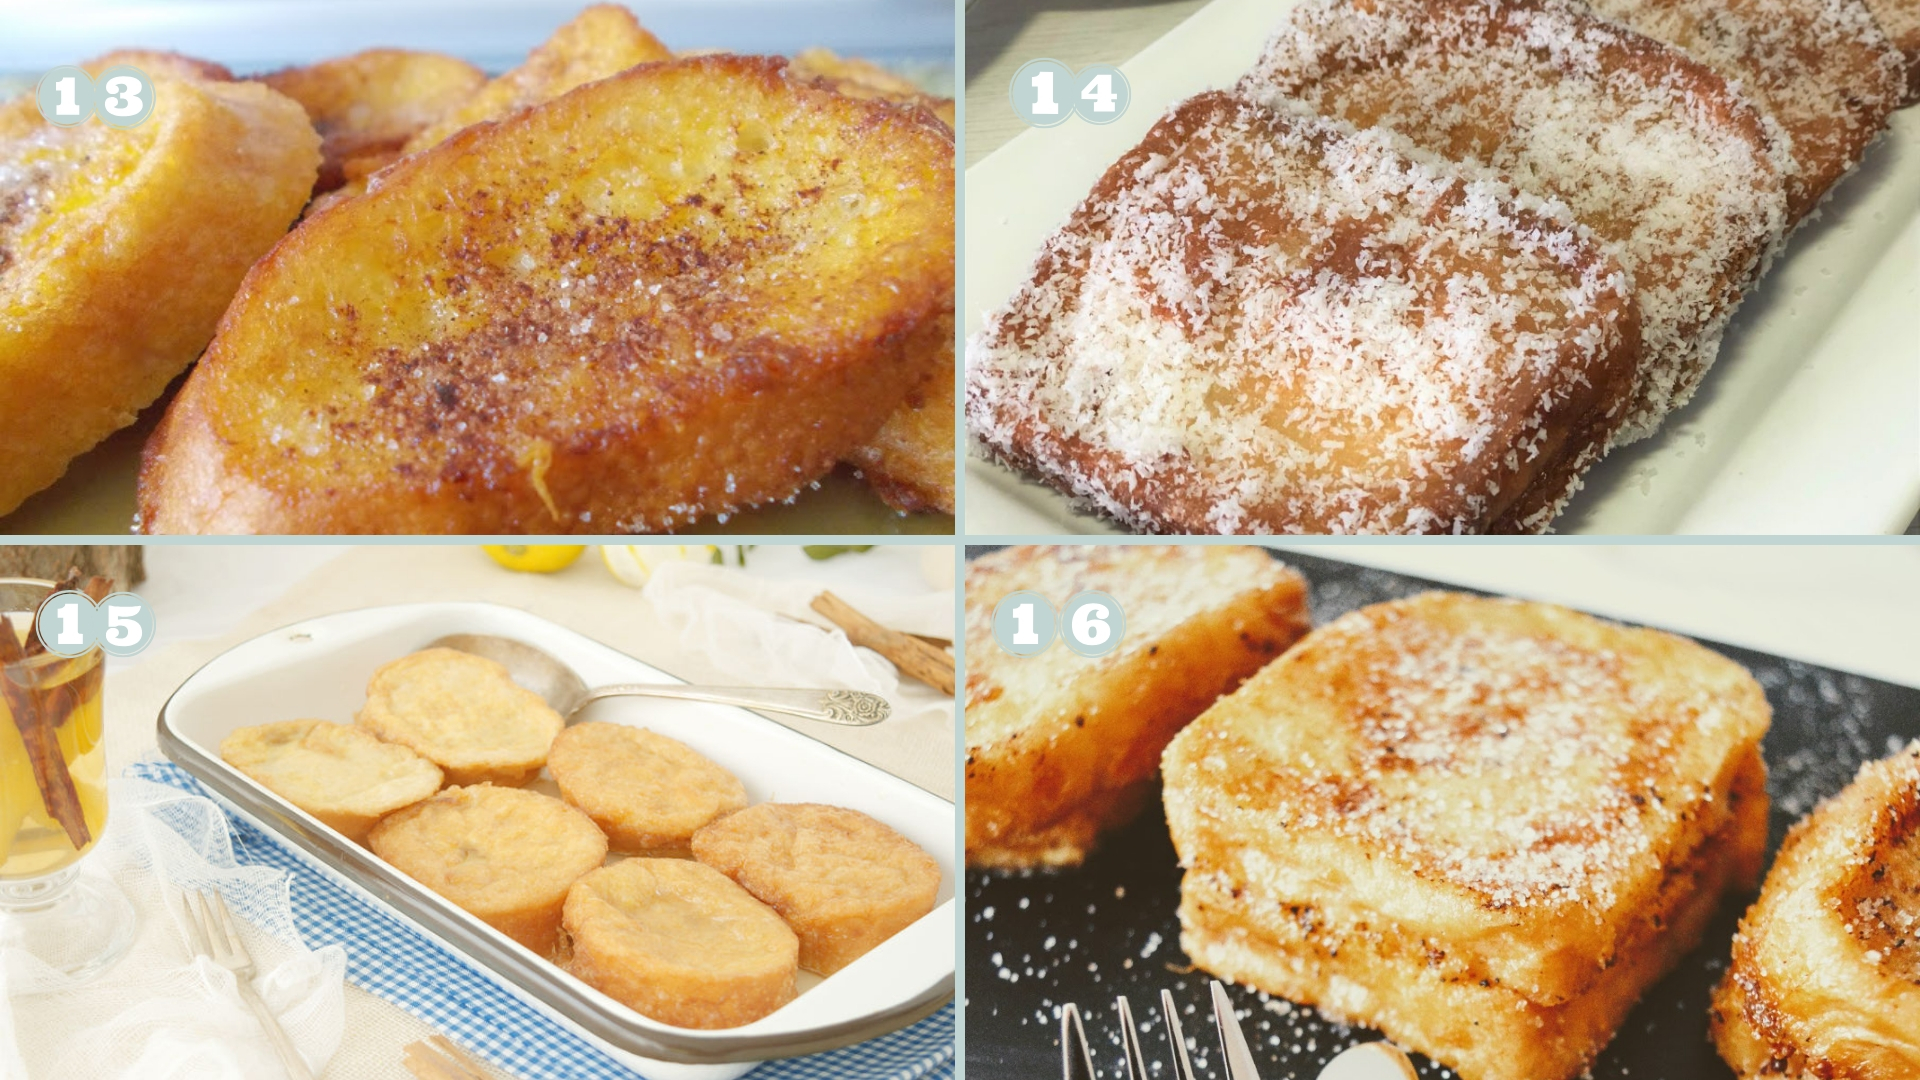 Las mejores recetas de torrijas caseras